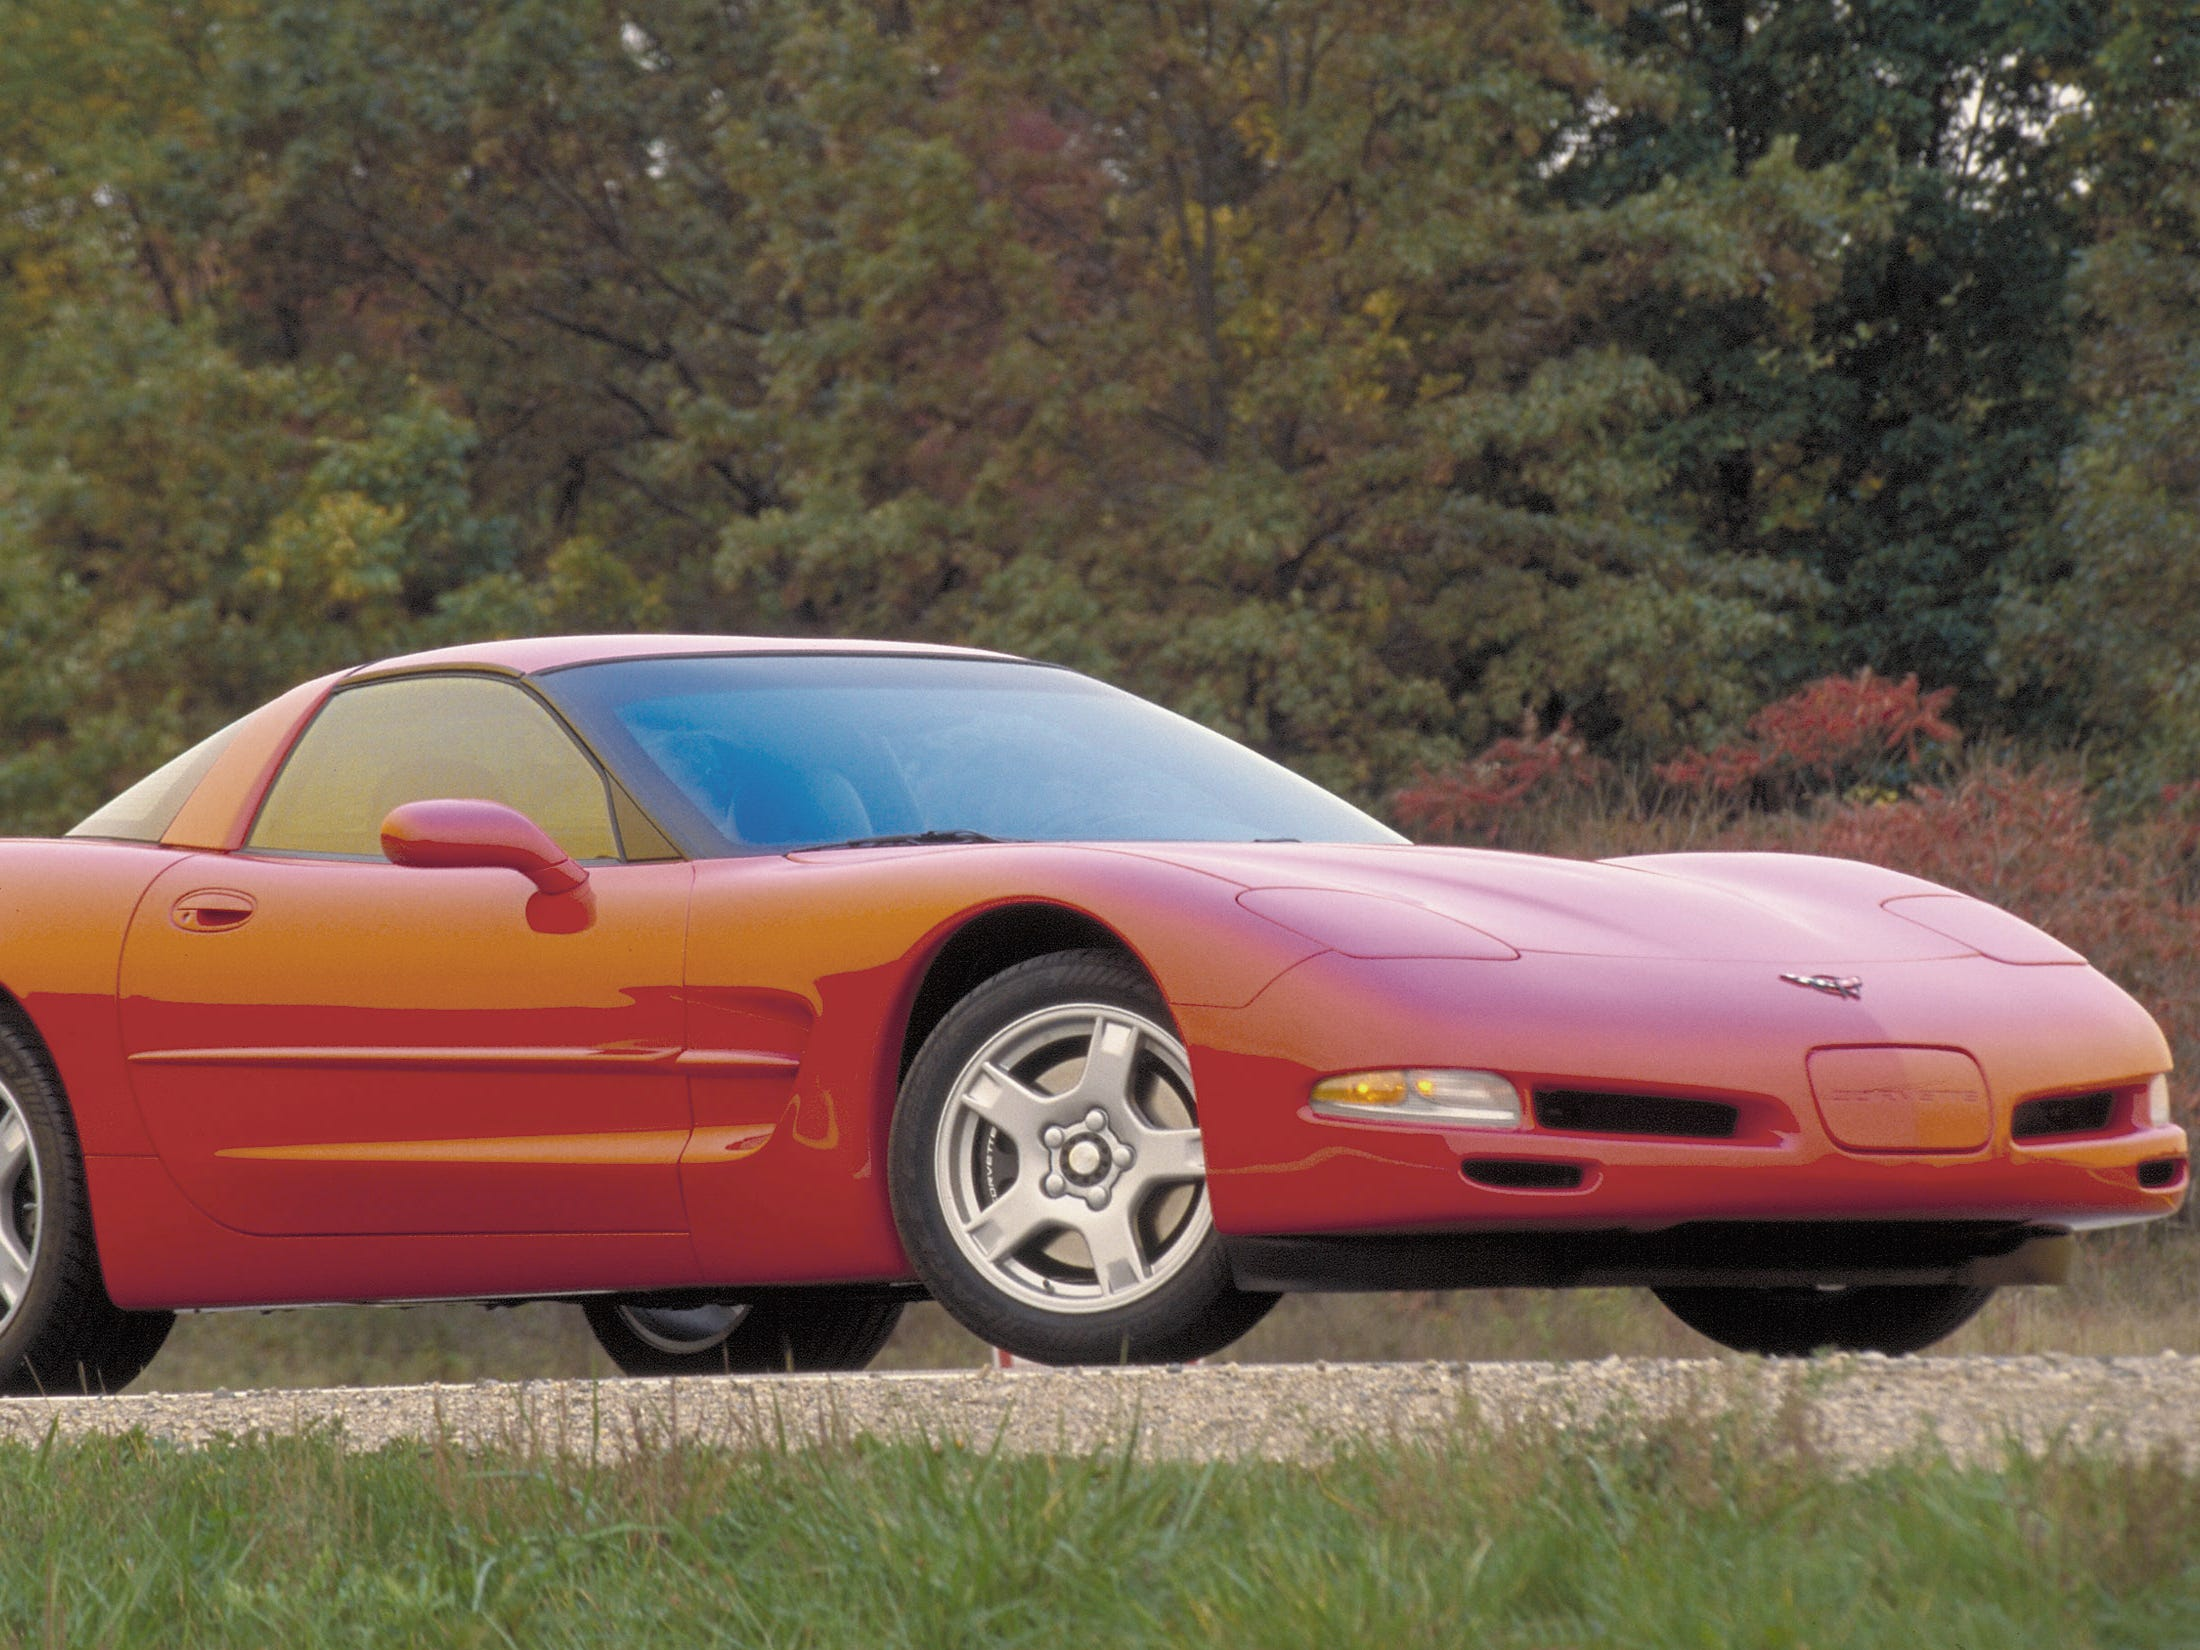 The 1997 Chevrolet Corvette Coupe.